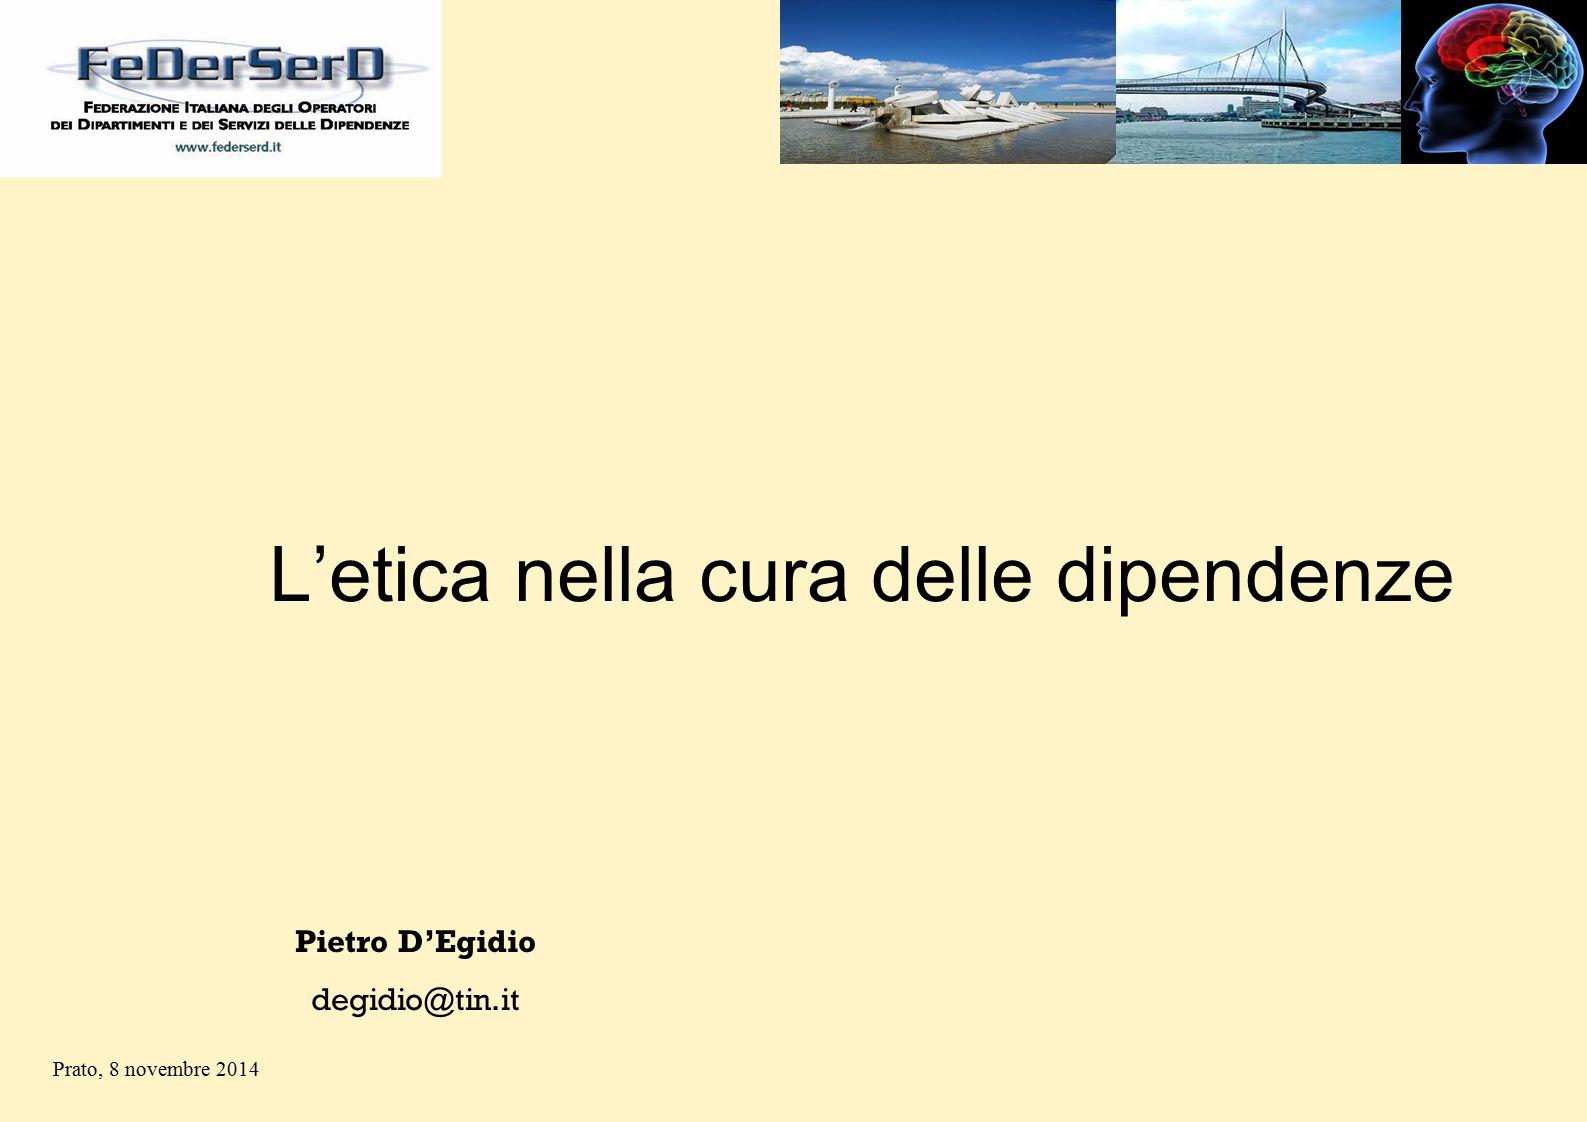 L'etica nella cura delle dipendenze Pietro D'Egidio degidio@tin.it Prato, 8 novembre 2014